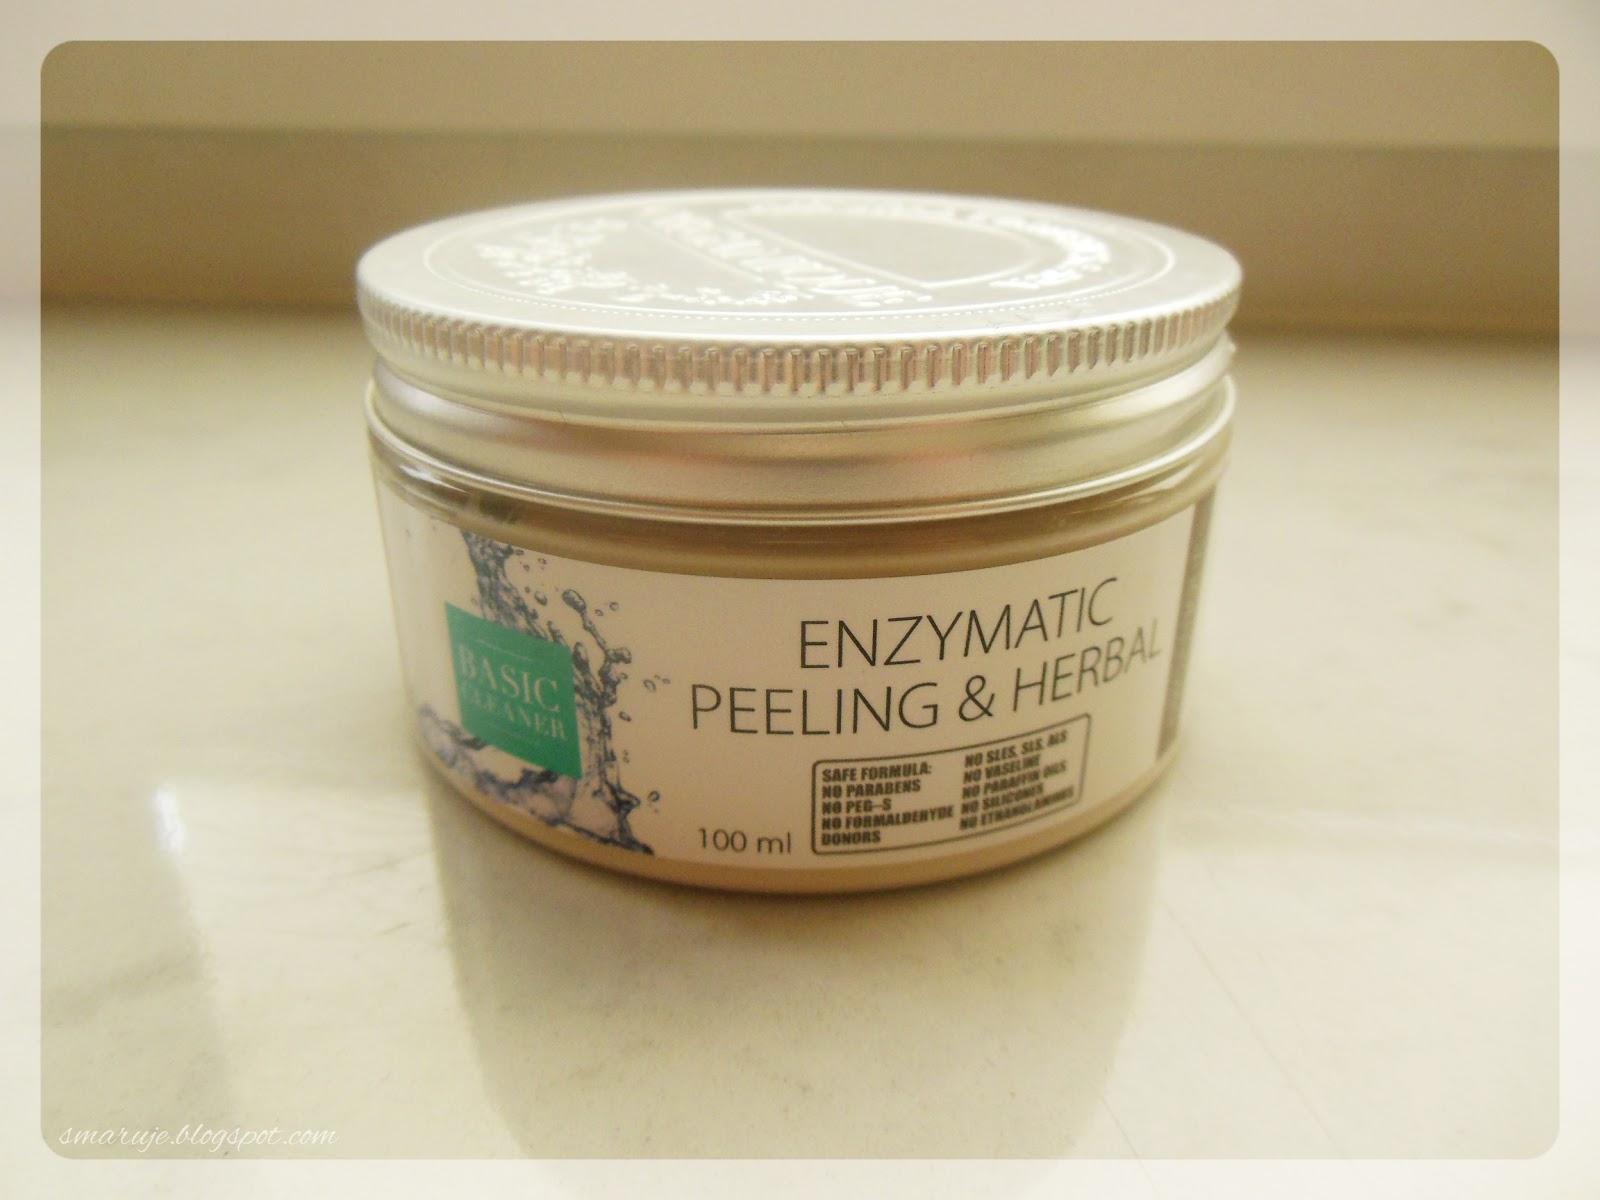 Organique –Basic Cleaner –Ziołowy peeling enzymatyczny [recenzja]